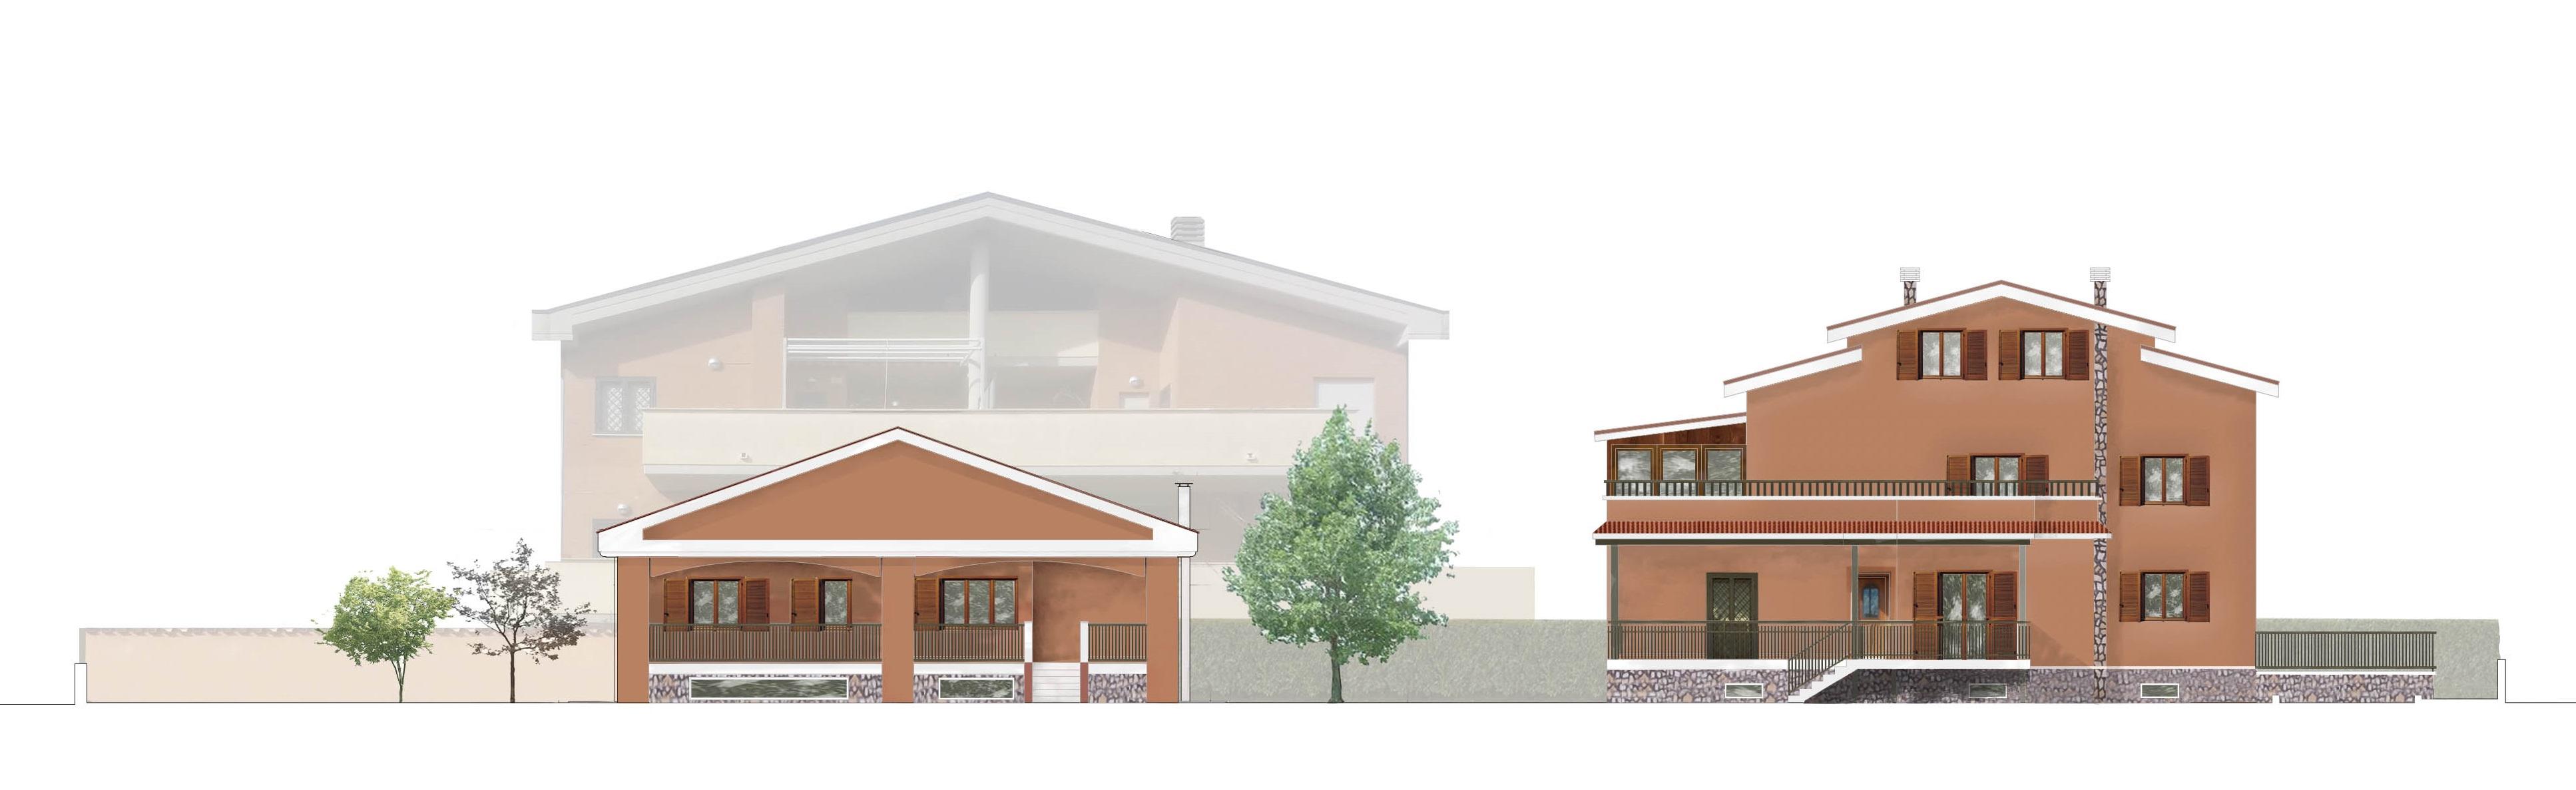 Ampliamento prima casa trendy legge piano casa regione for Generatore di piano casa